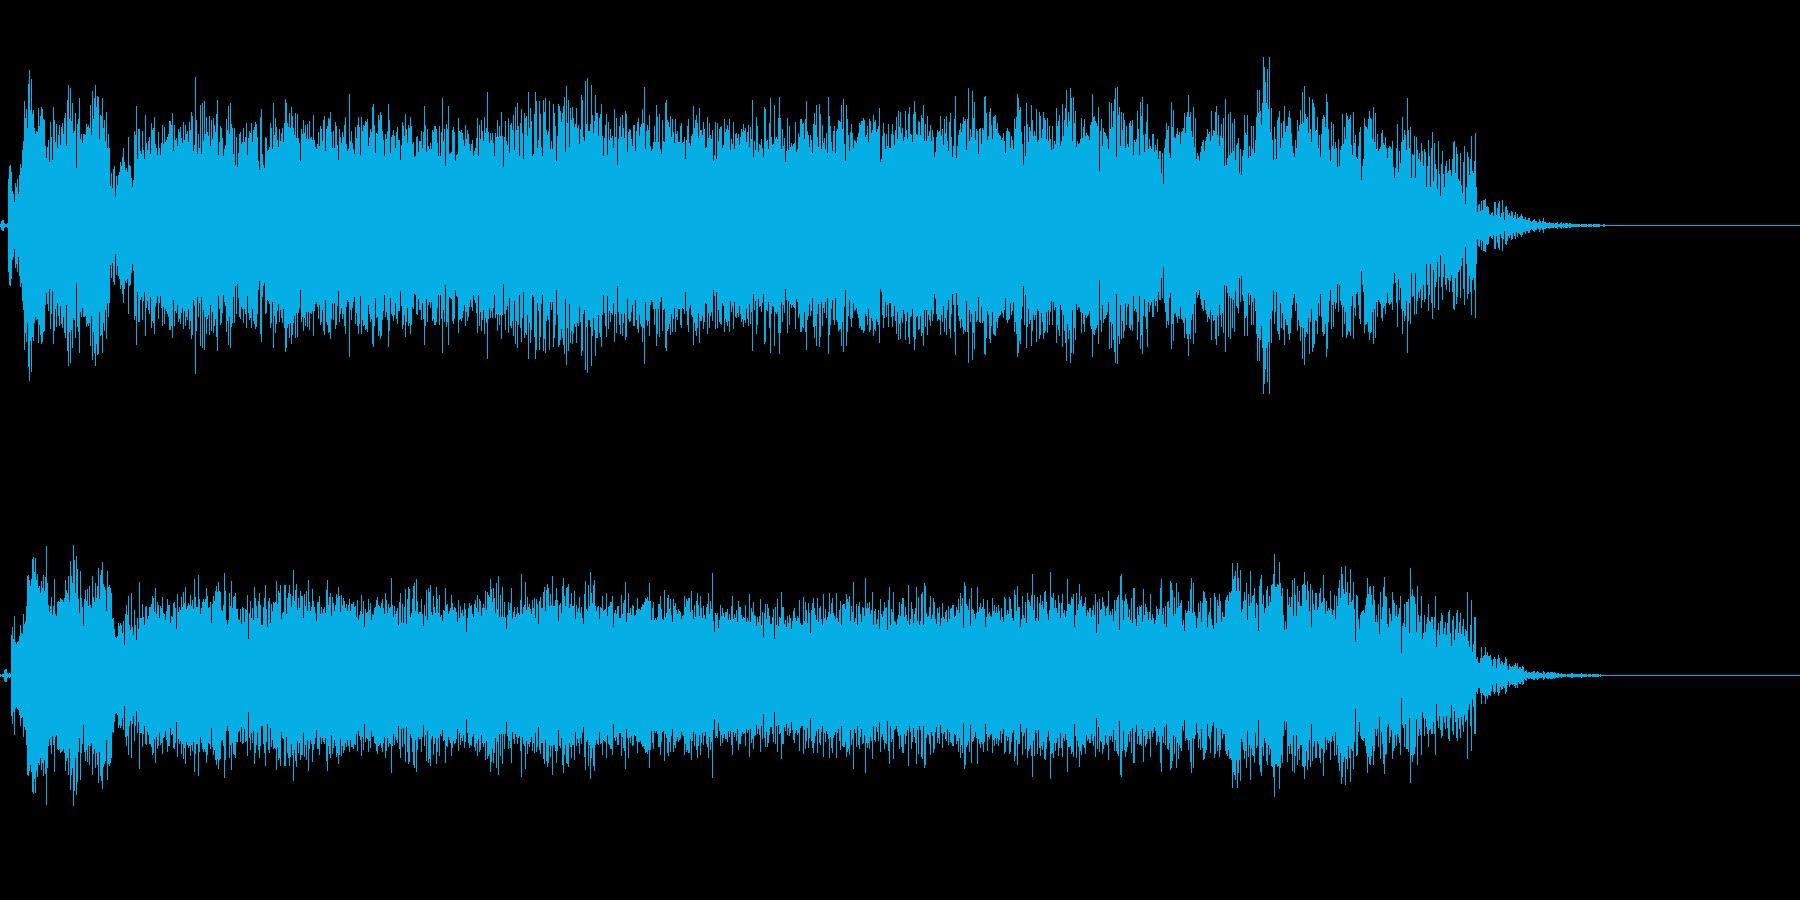 ヘビーギターによる場面転換音の再生済みの波形